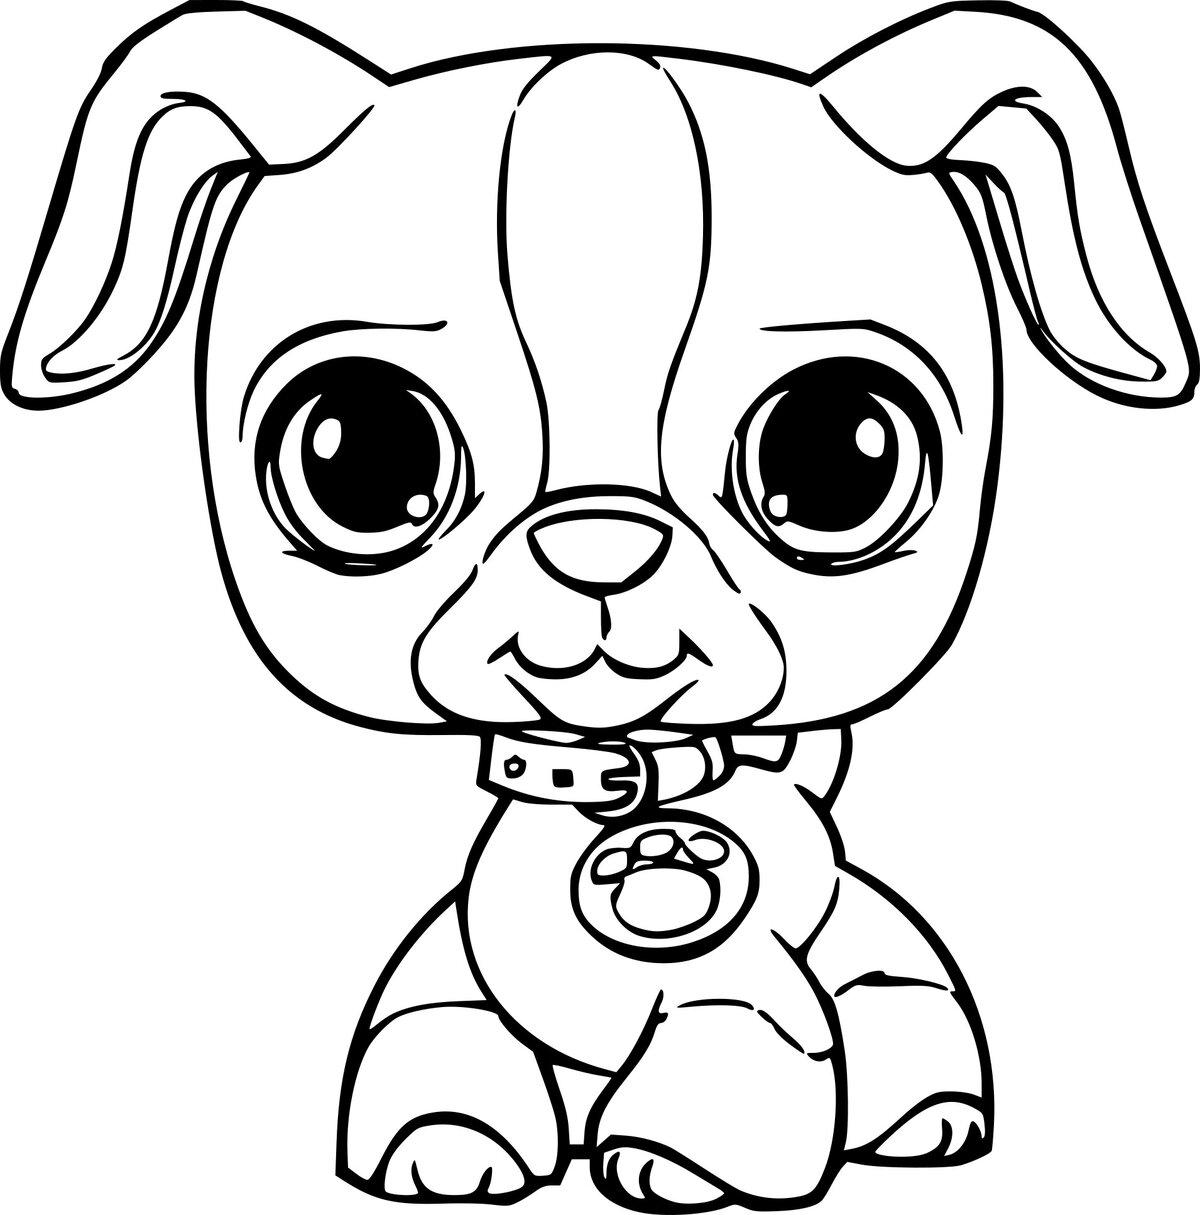 Картинки с маленькими собачками нарисованными, класс открытка